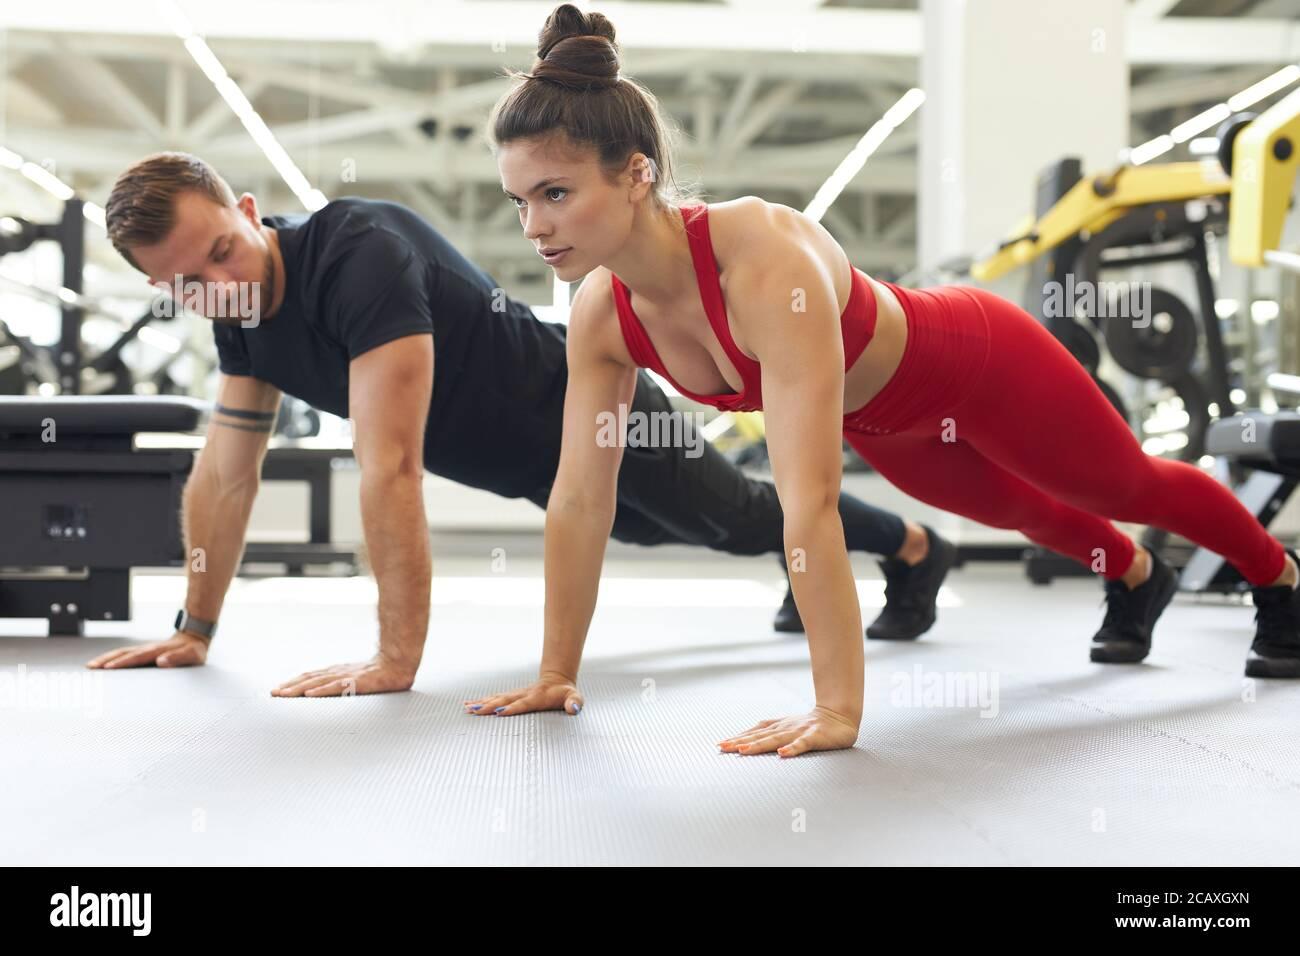 magnifique jeune couple fort qui fait des push-up ensemble dans la salle de gym. vue latérale Banque D'Images